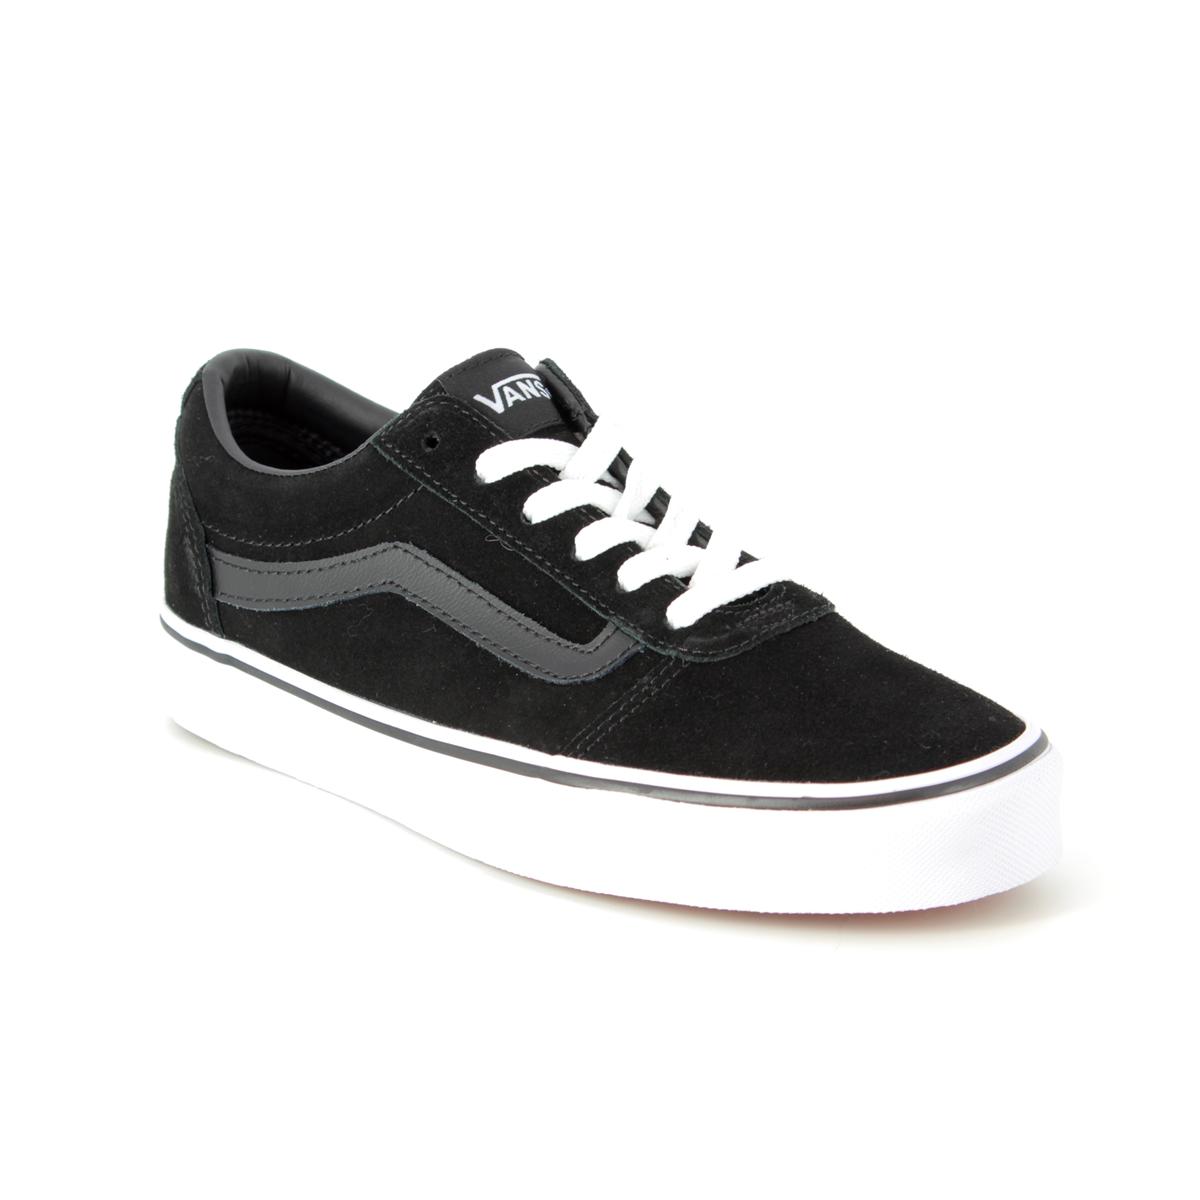 a0ddf6cd75c Vans Trainers - Black suede - VA3IUN0XT 30 WARD